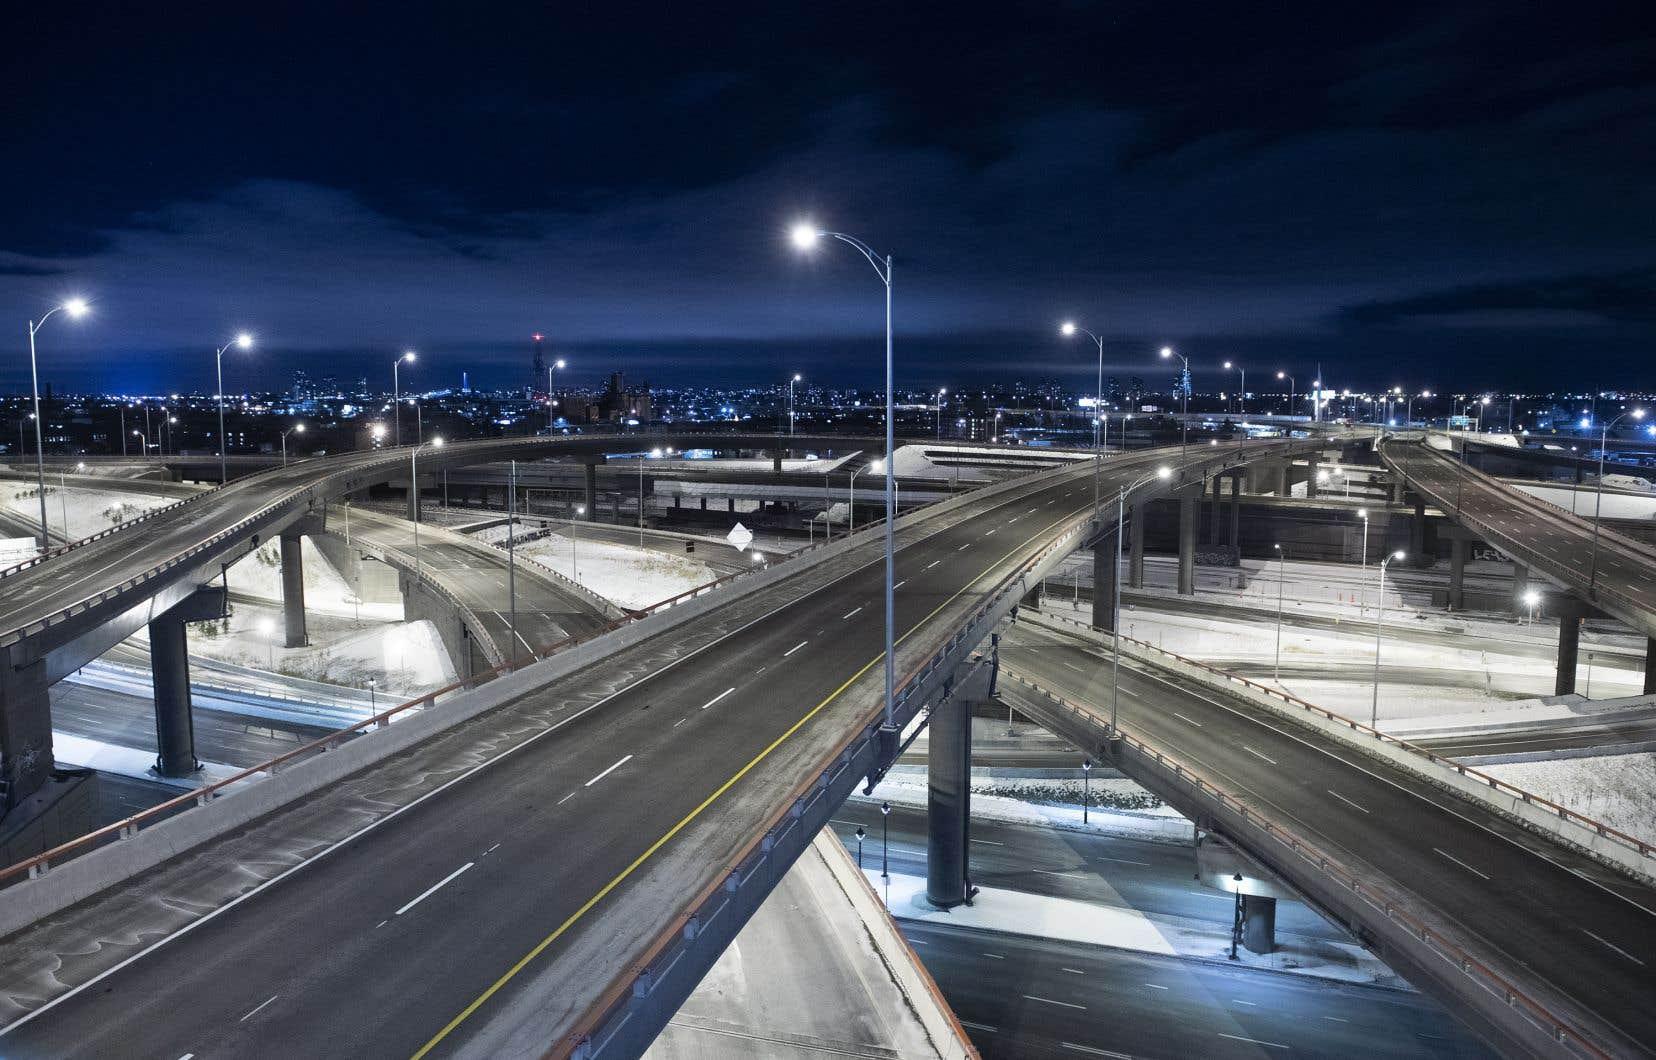 Les voyages nocturnes ont reculé de 40 % à Montréal après le 9 janvier 2021.